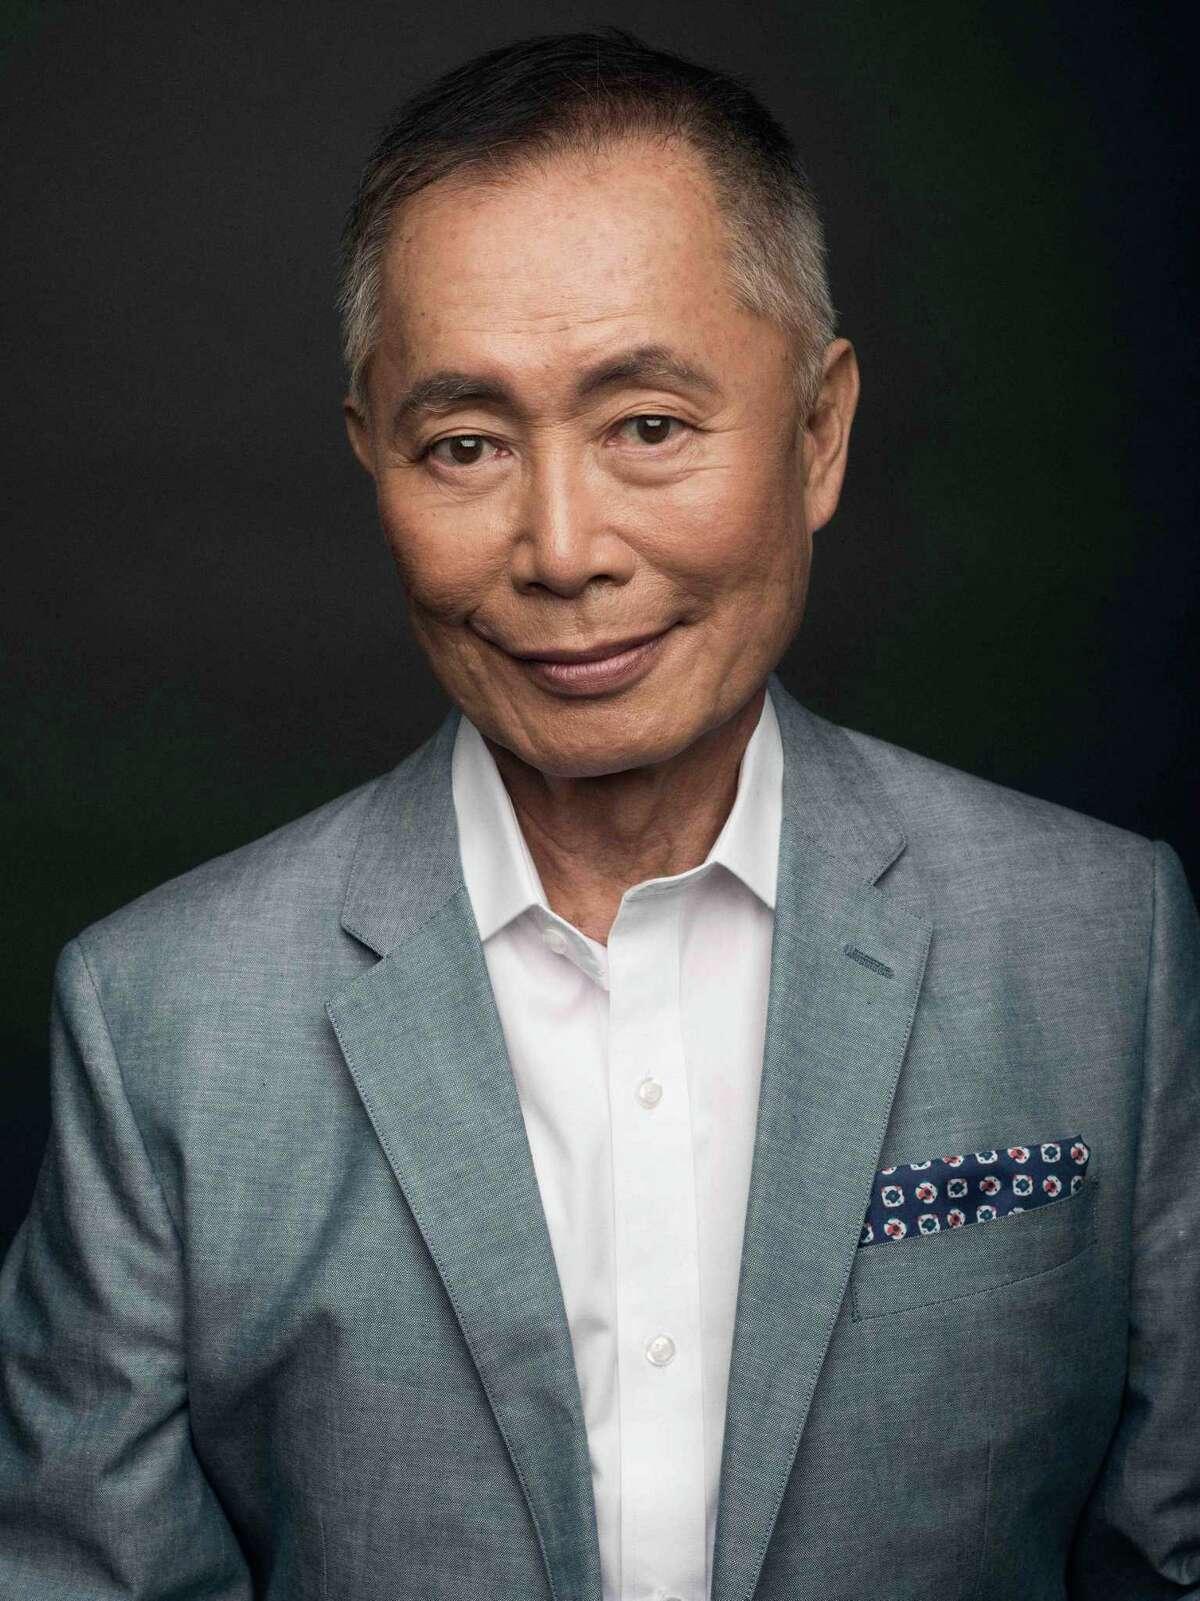 A profile photo of George Takei.